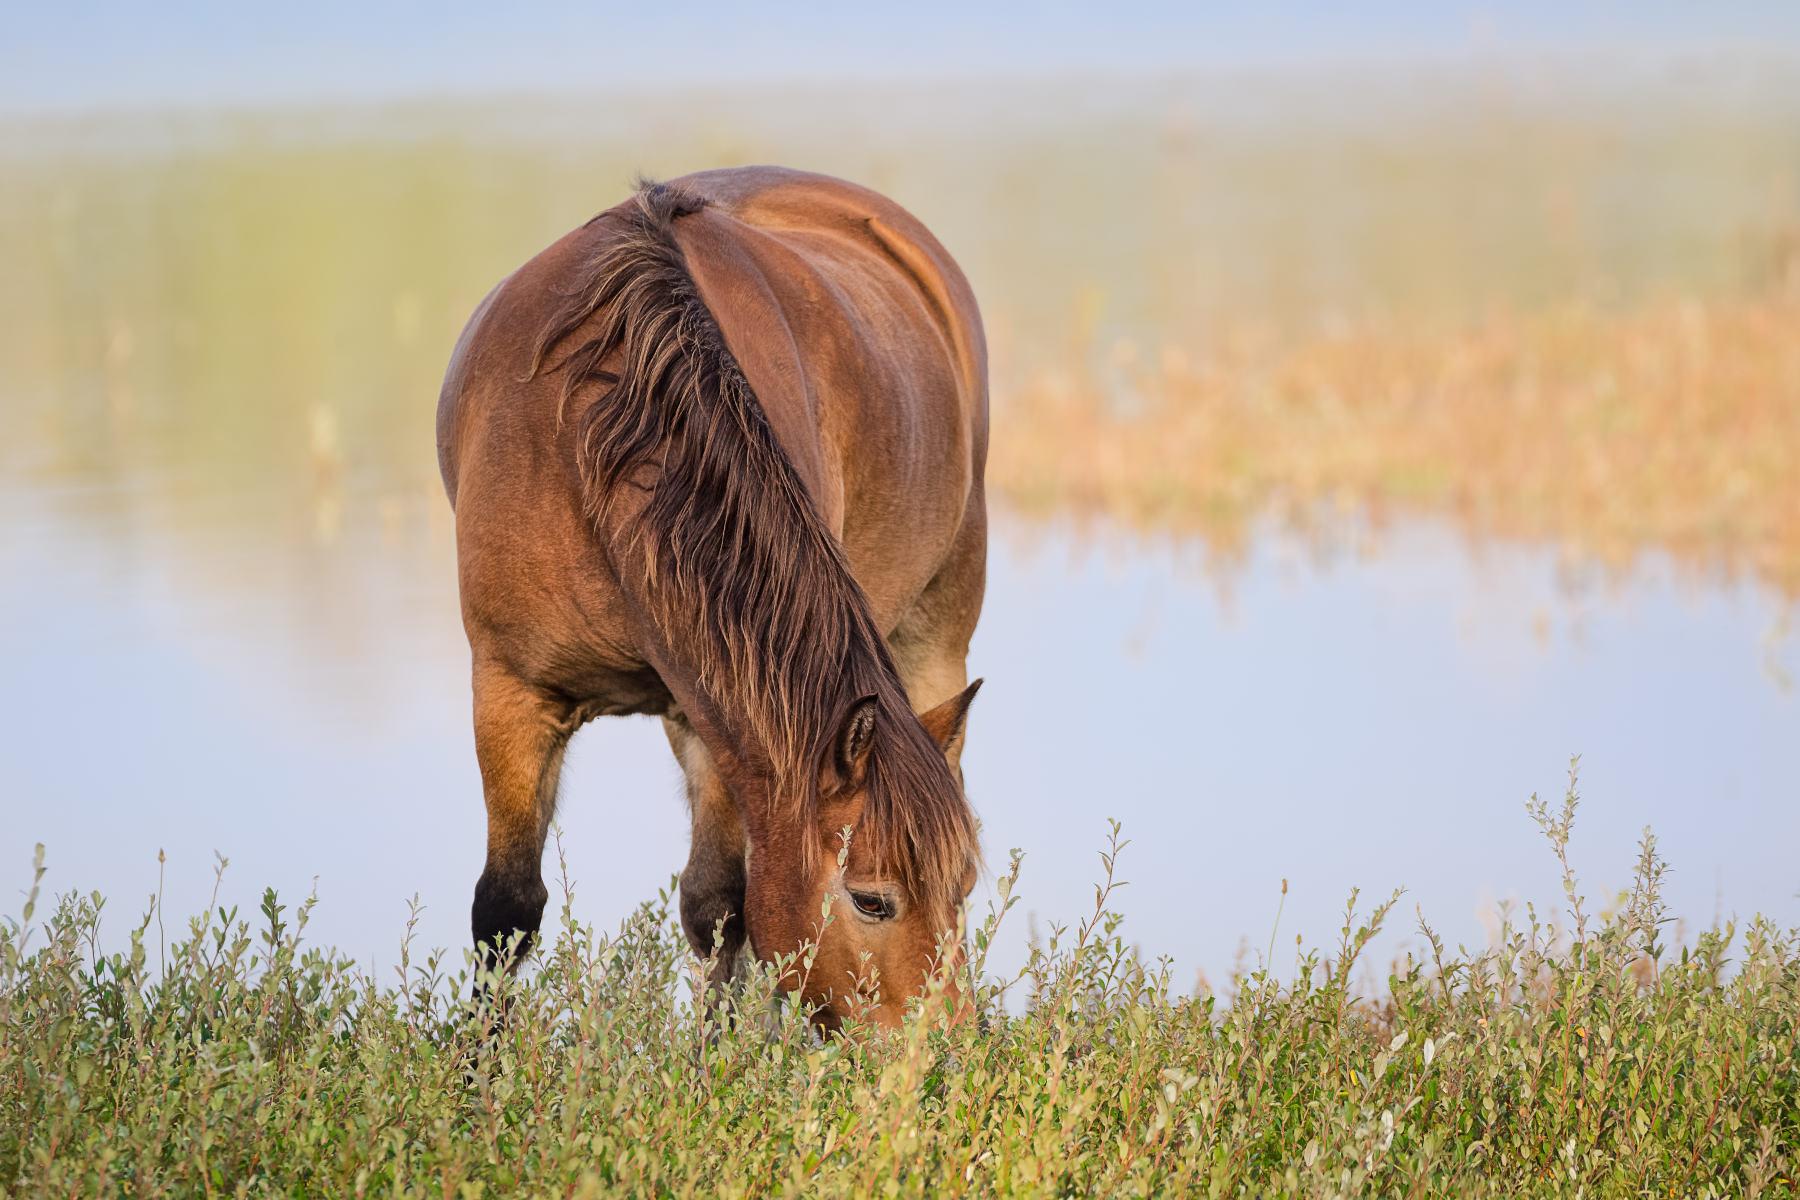 horse feeding on bog myrtle by a pond